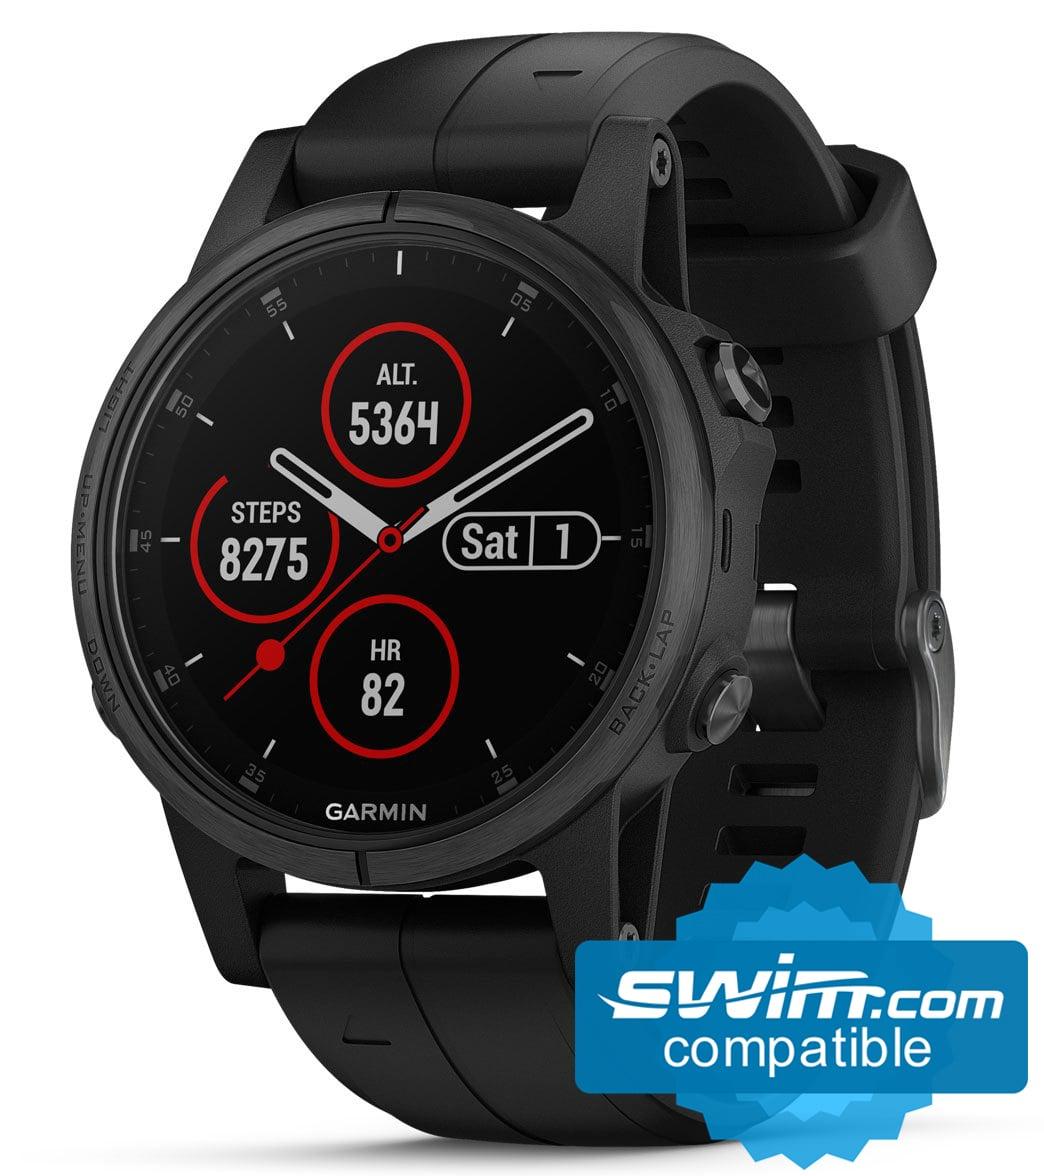 Garmin Sports Watch >> Garmin Fenix 5s Plus Sapphire Mutli Sport Gps Watch At Swimoutlet